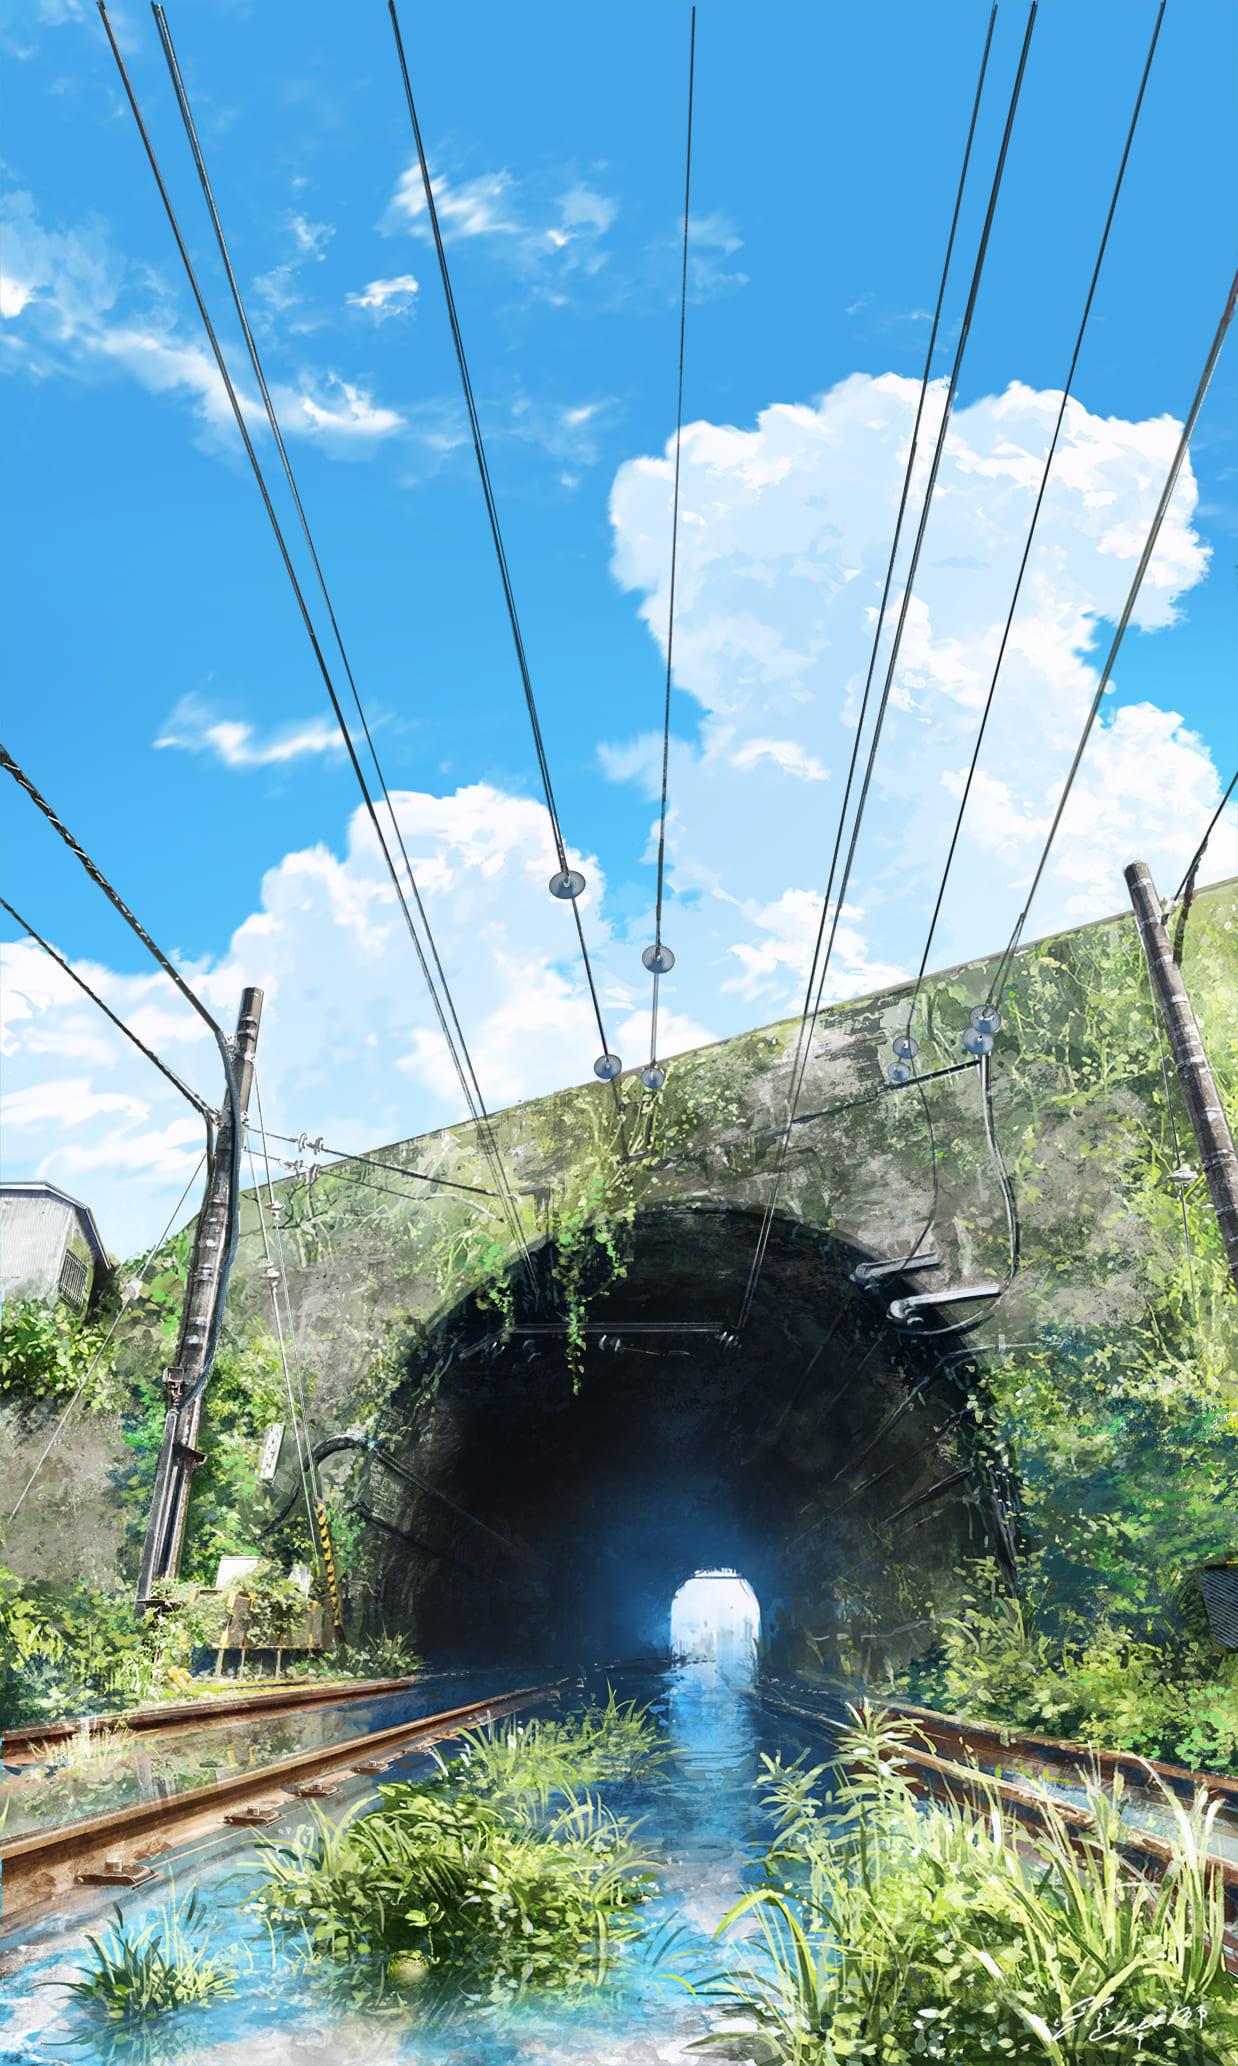 トンネルの向こう側はどんな景色が広がっているだろう.jpg